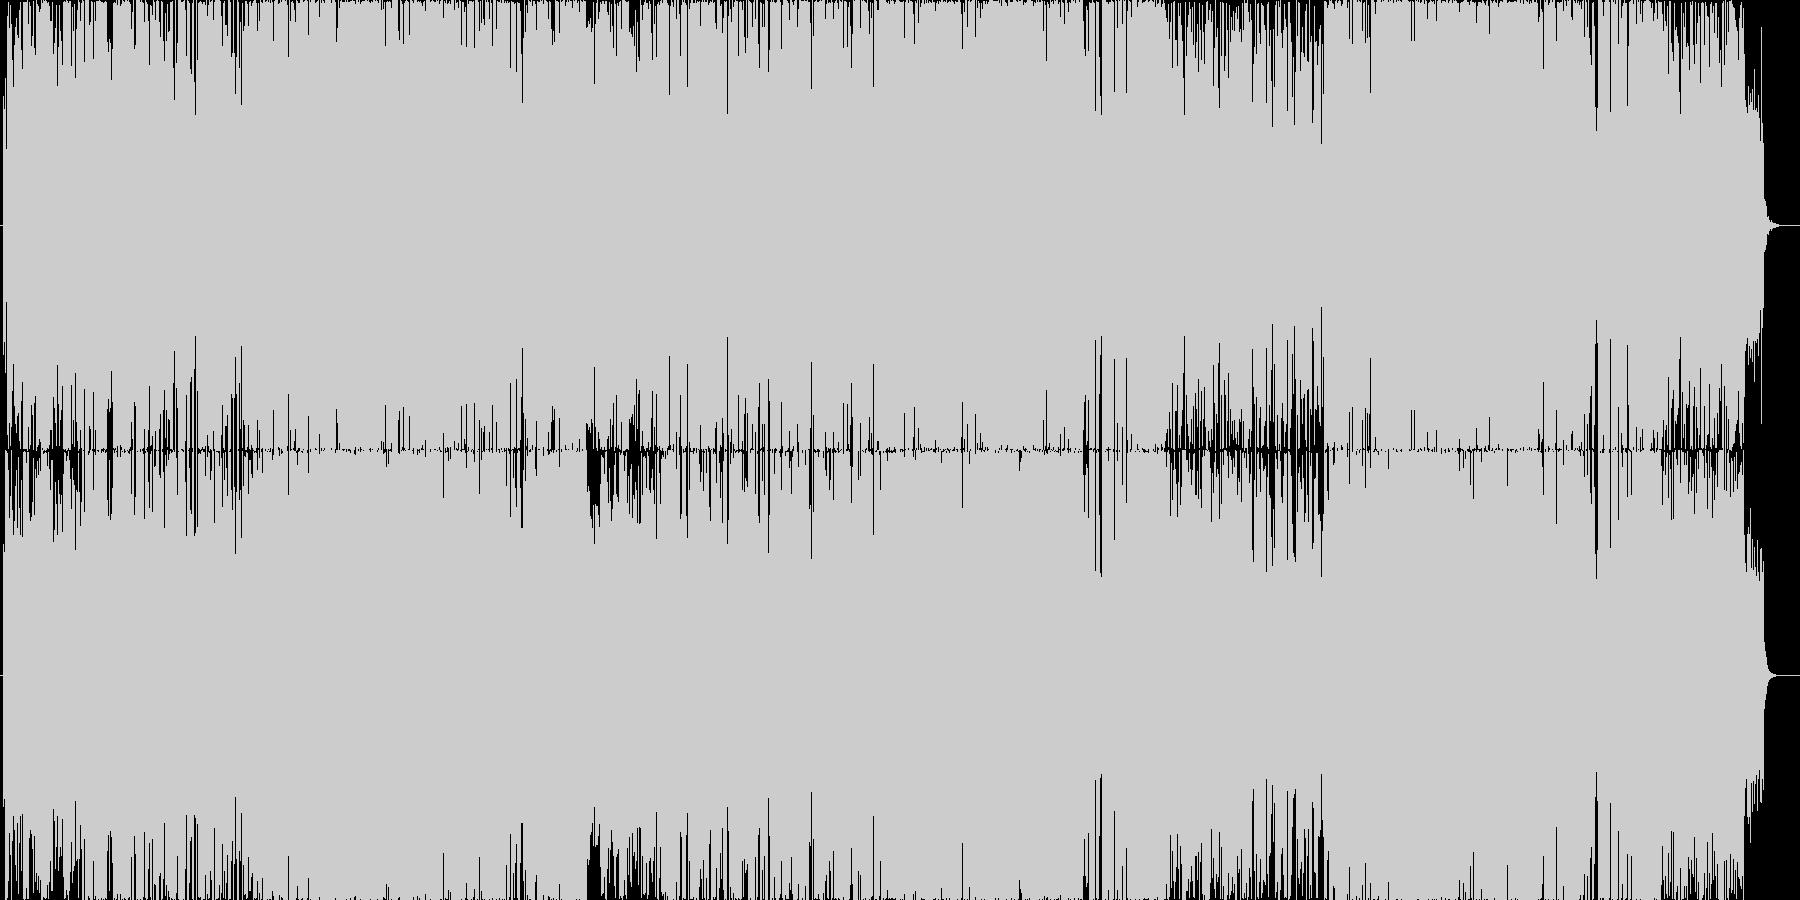 かわいい電波サウンドな楽曲の未再生の波形